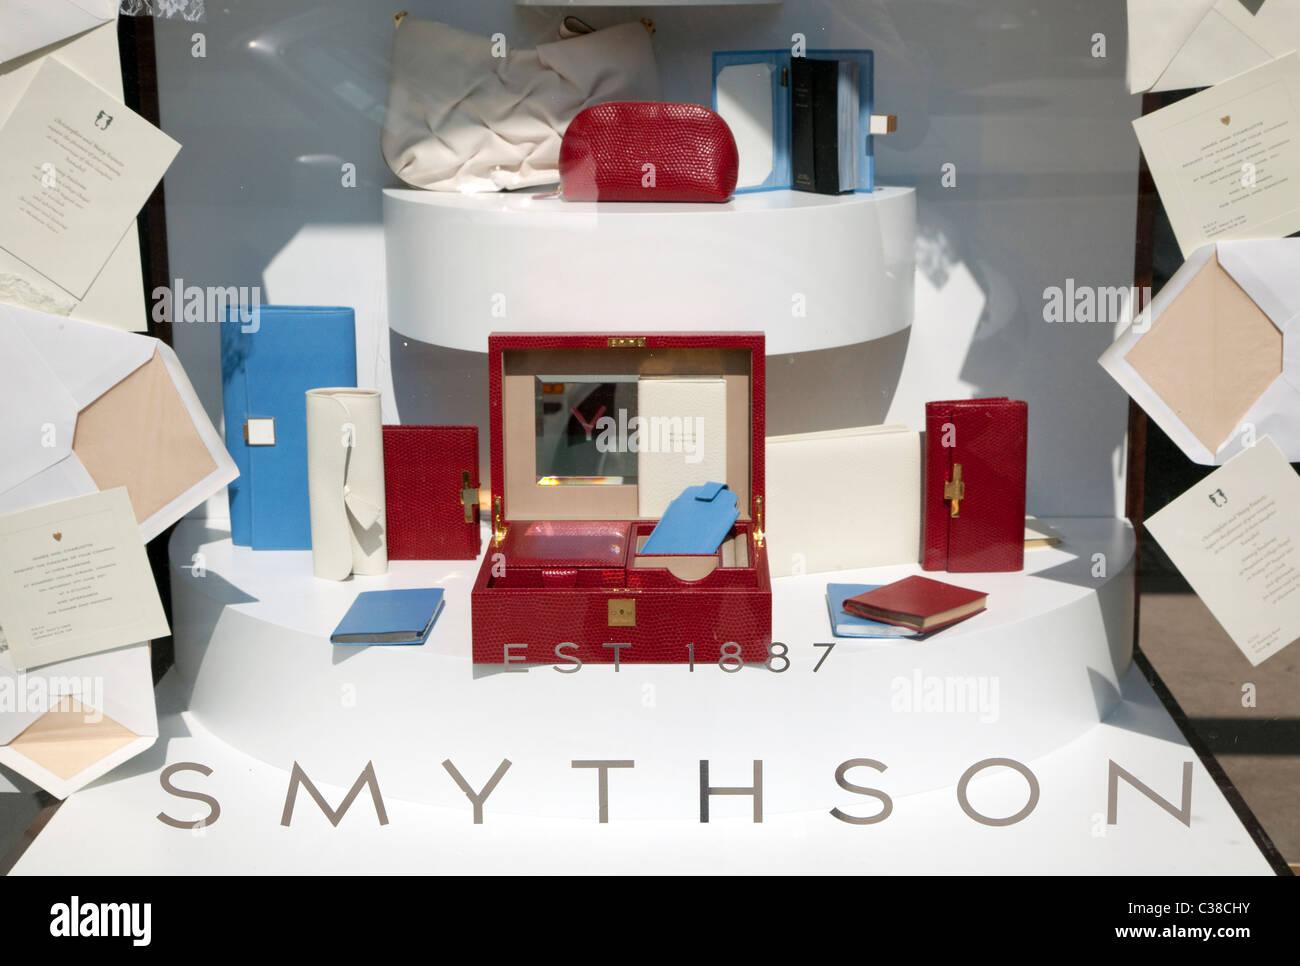 De la Direction générale de la papeterie et des produits de luxe Smythson shop, London Photo Stock